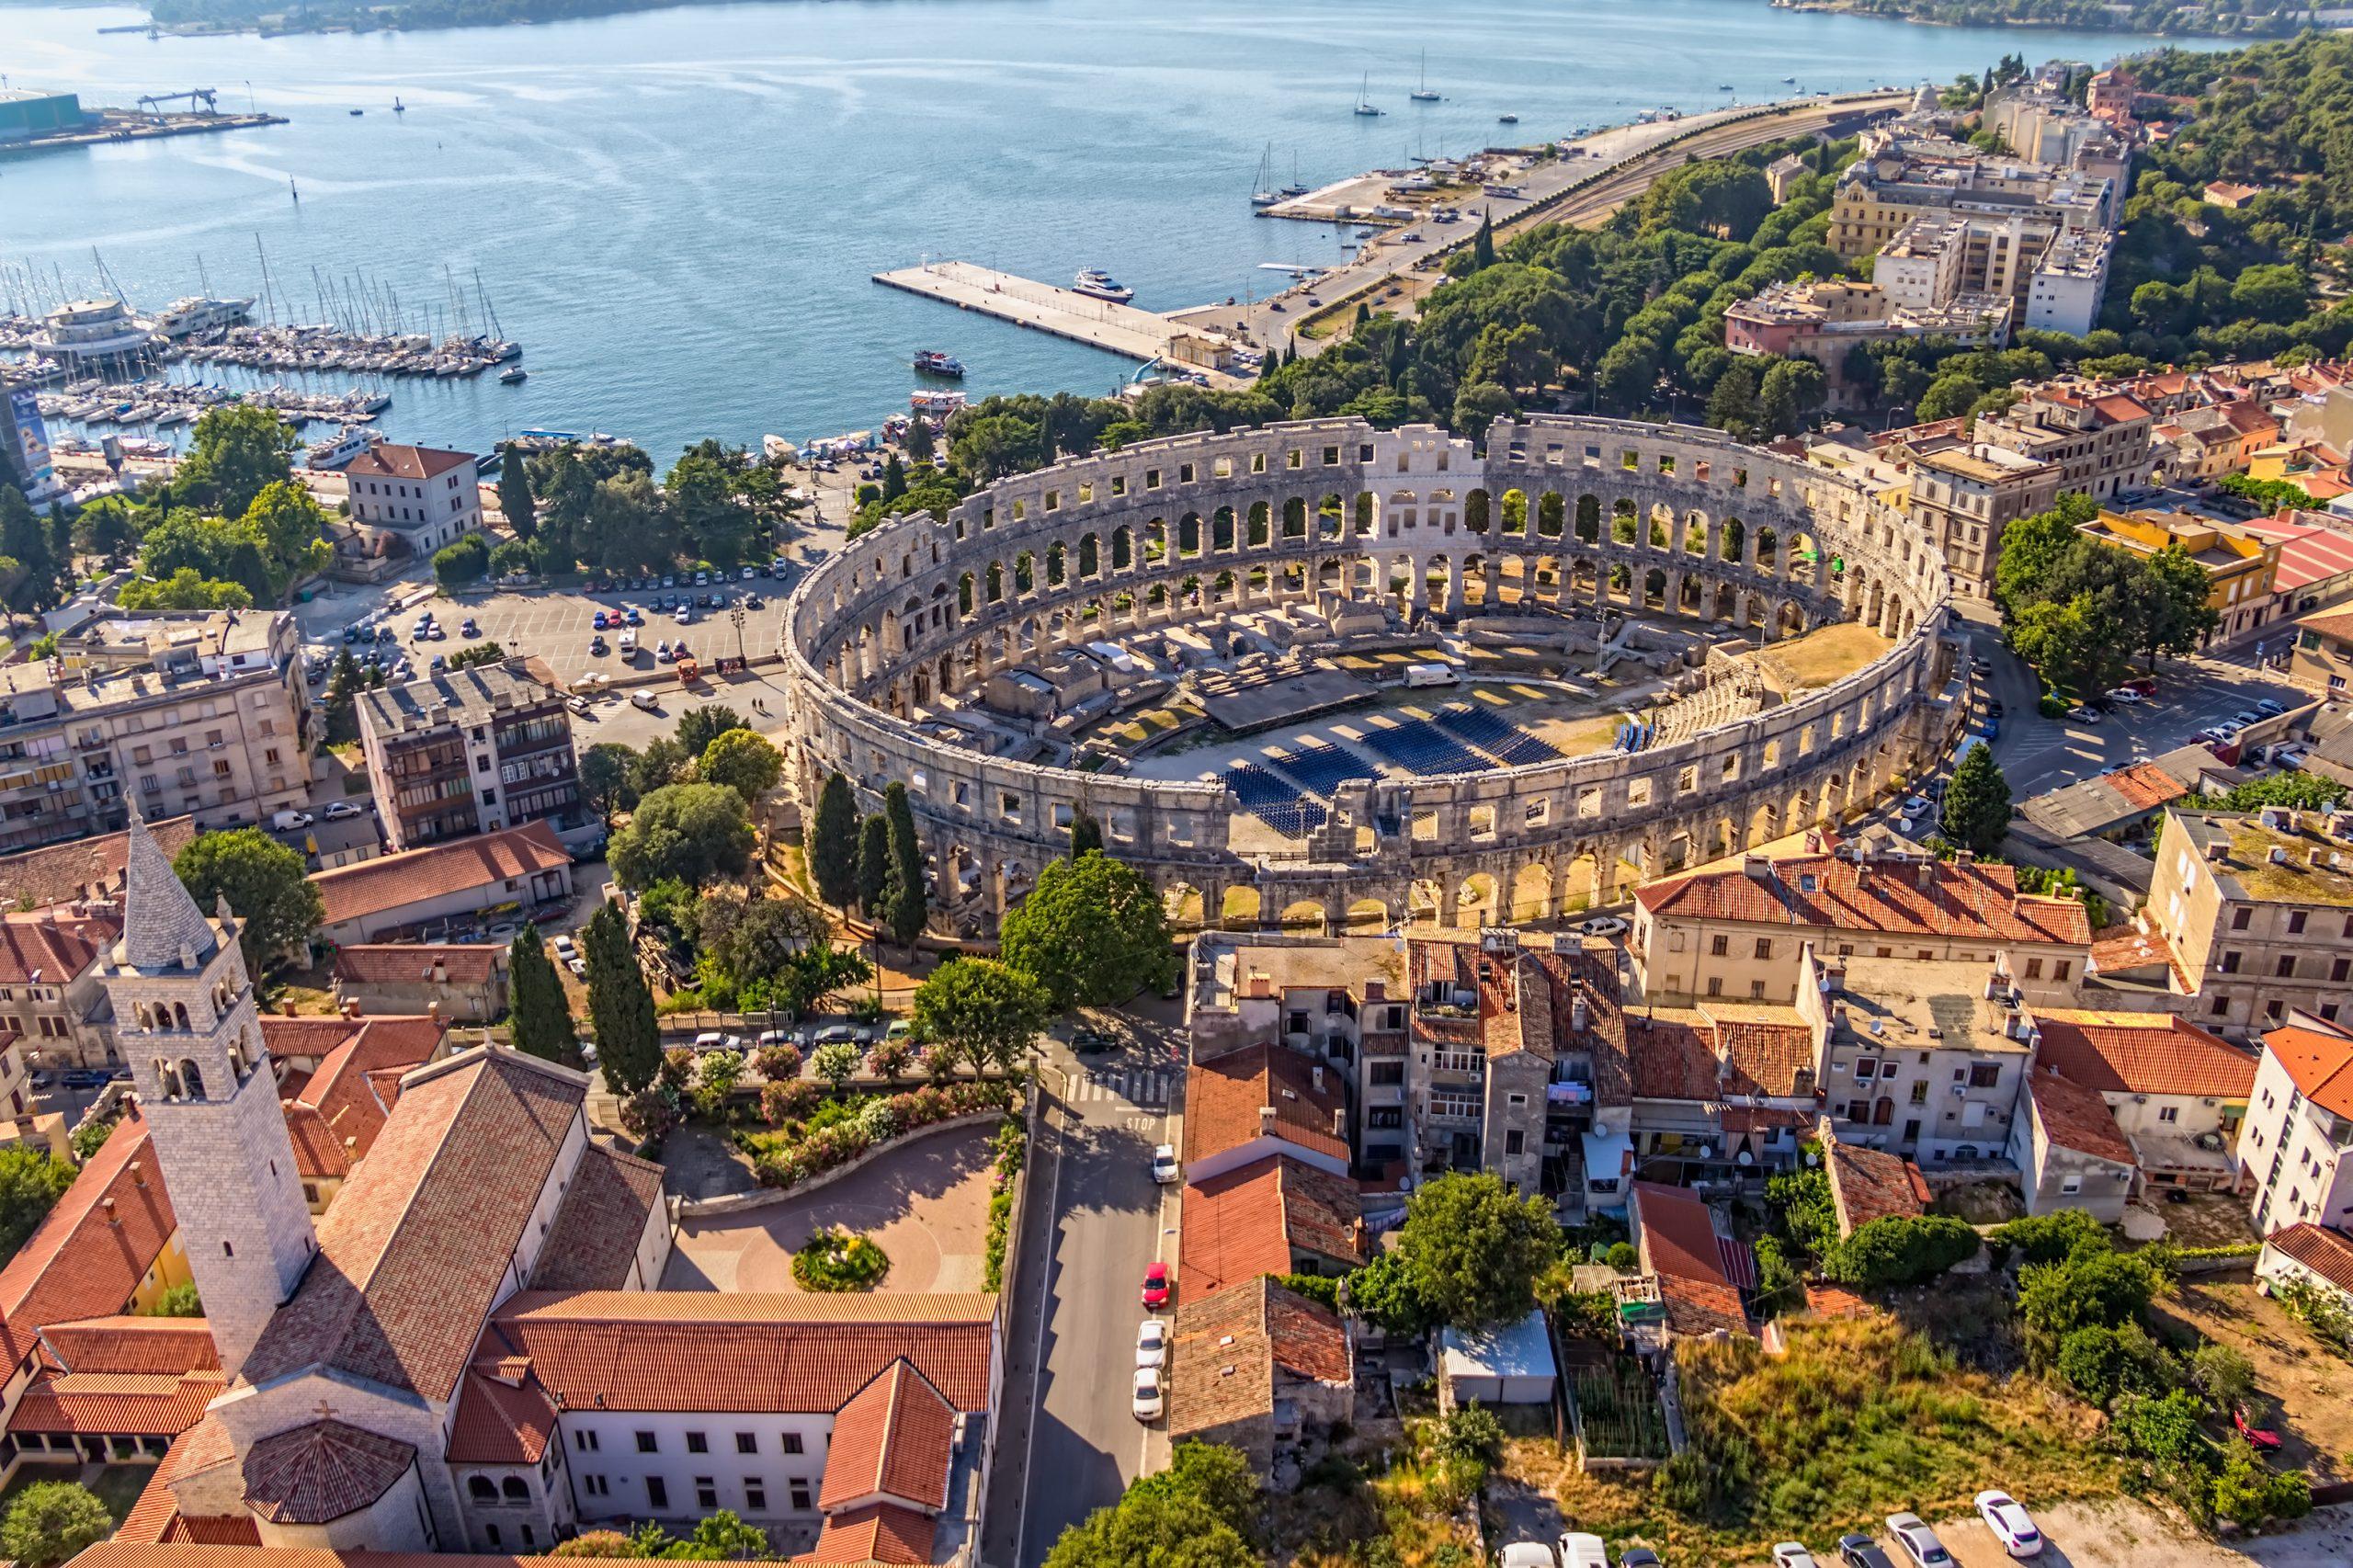 Visit The Famous Pula Amphitheatre During Your Pula Walking Tour